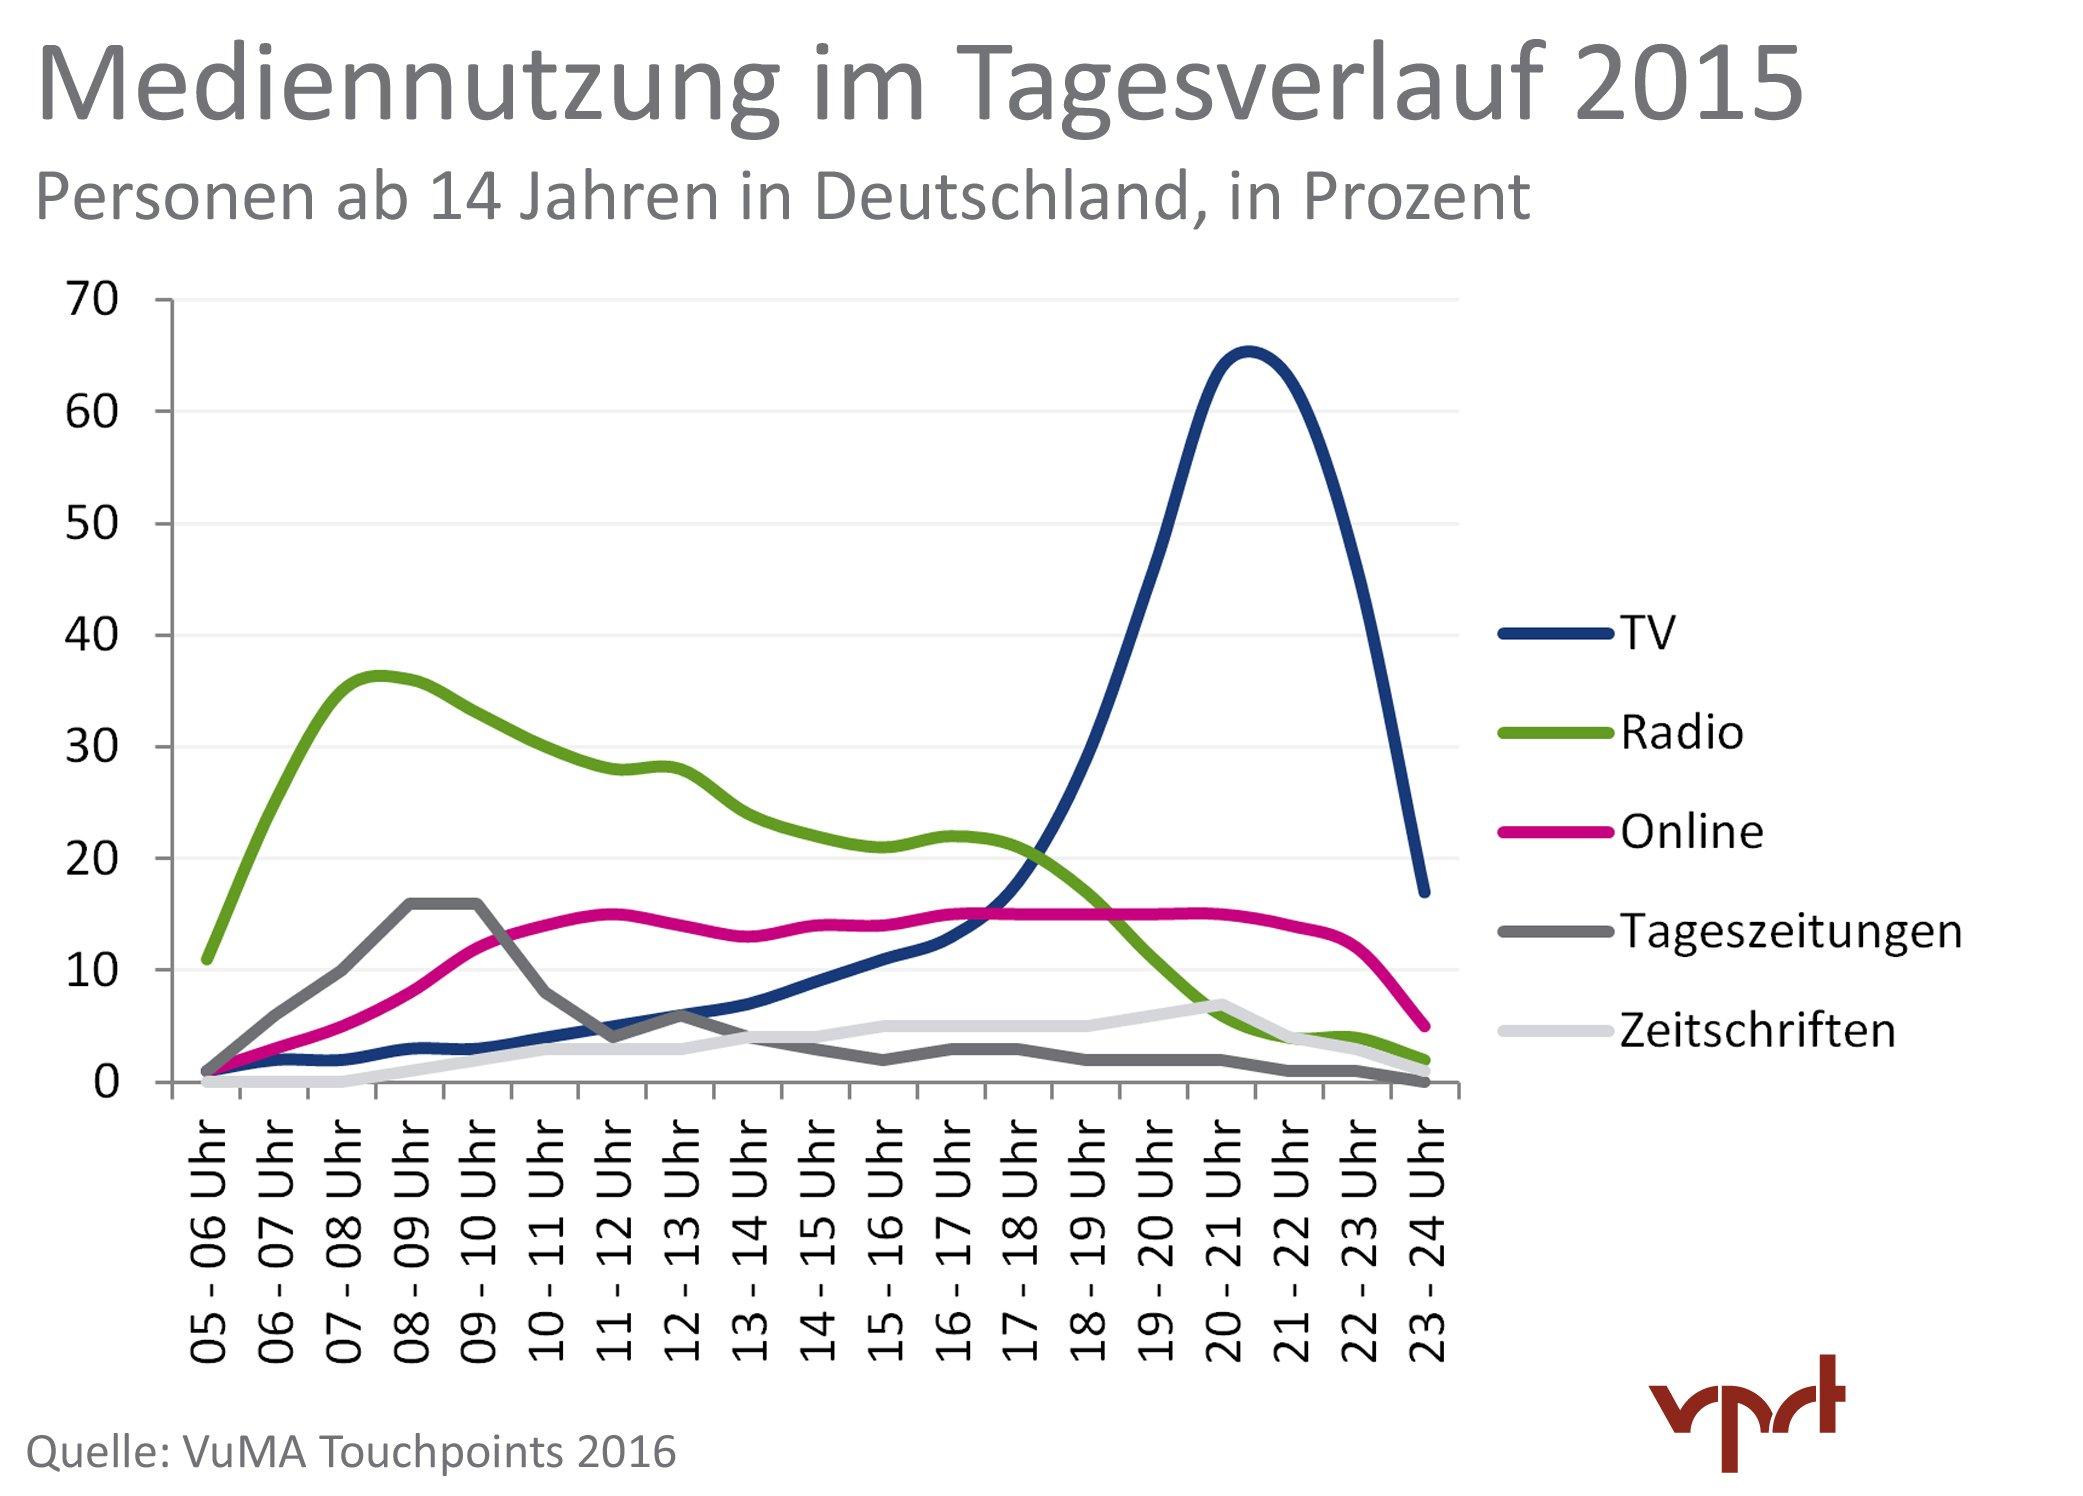 VPRT-Mediennutzungsstatistik_2015_Mediennutzung_Tagesverlauf_2015_HQ